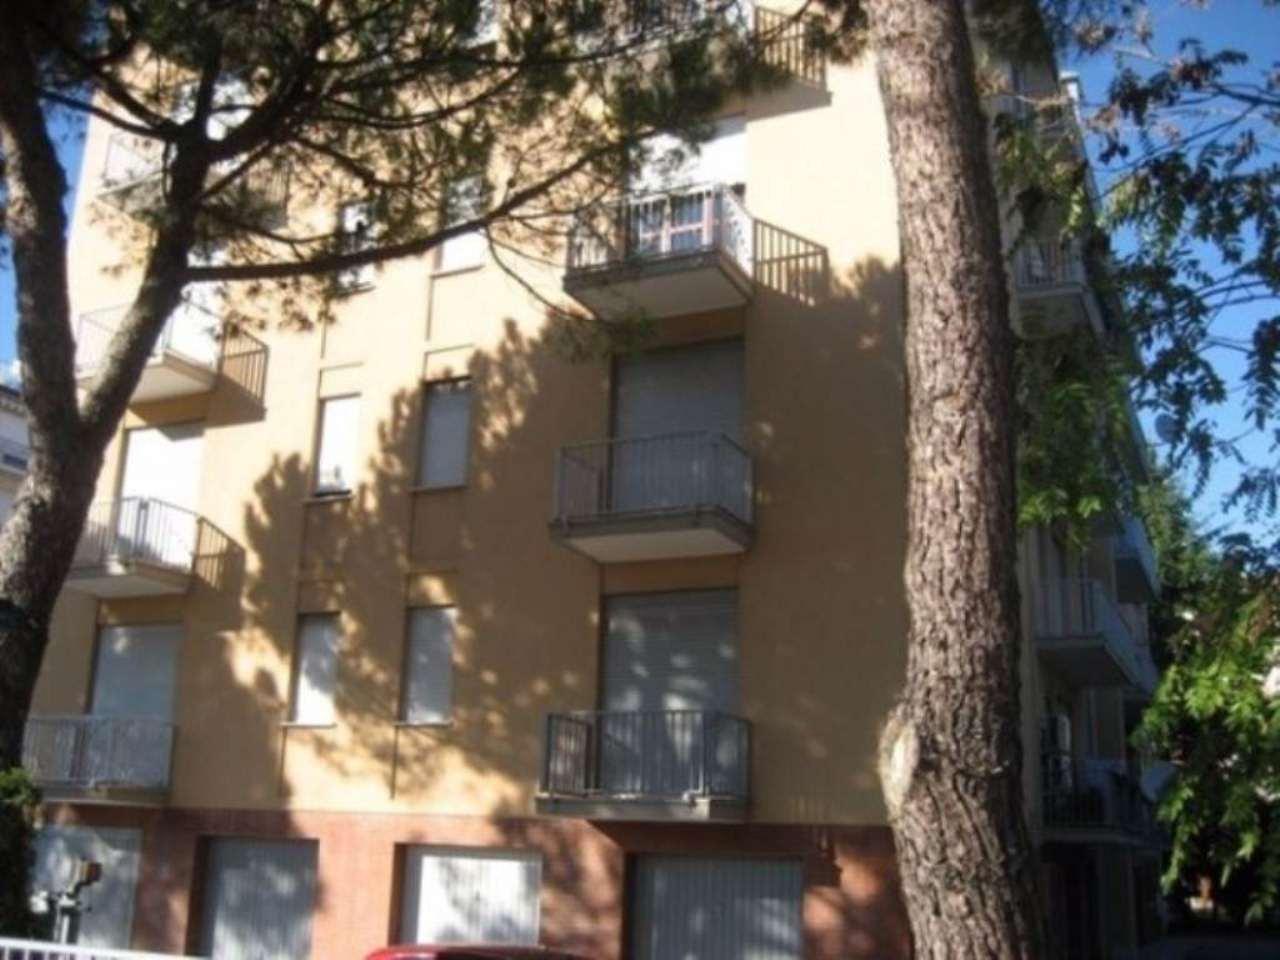 Appartamento in vendita a Mira, 4 locali, prezzo € 75.000 | Cambio Casa.it